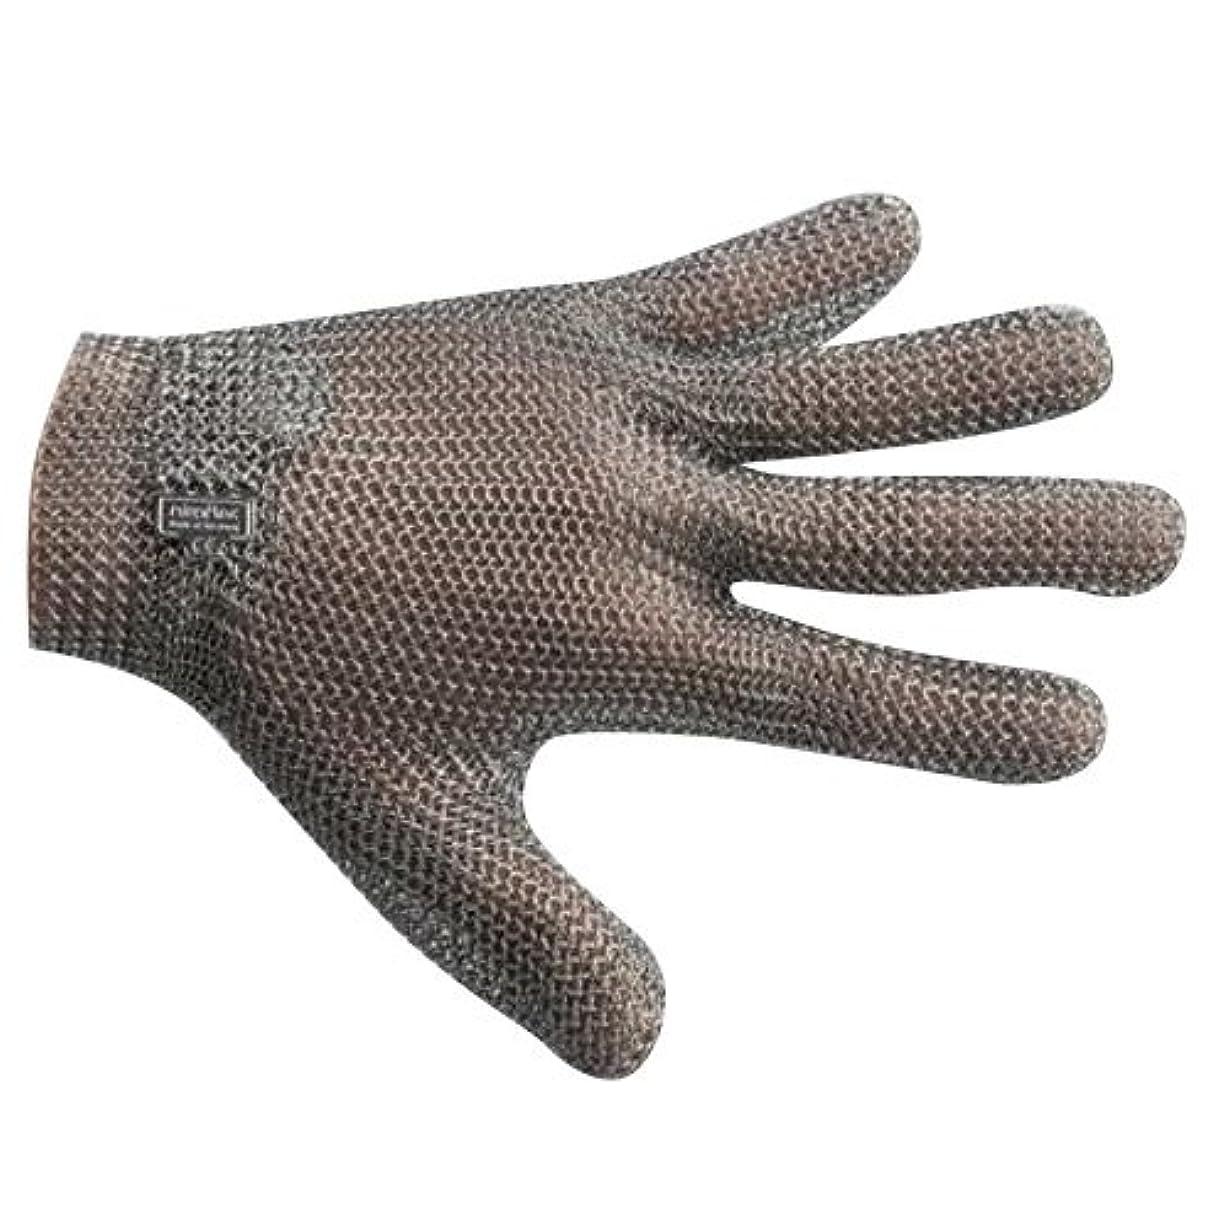 着替える従事するバタフライ宇都宮製作 GU-2500 ステンレスメッシュ手袋 5本指(左右兼用) M